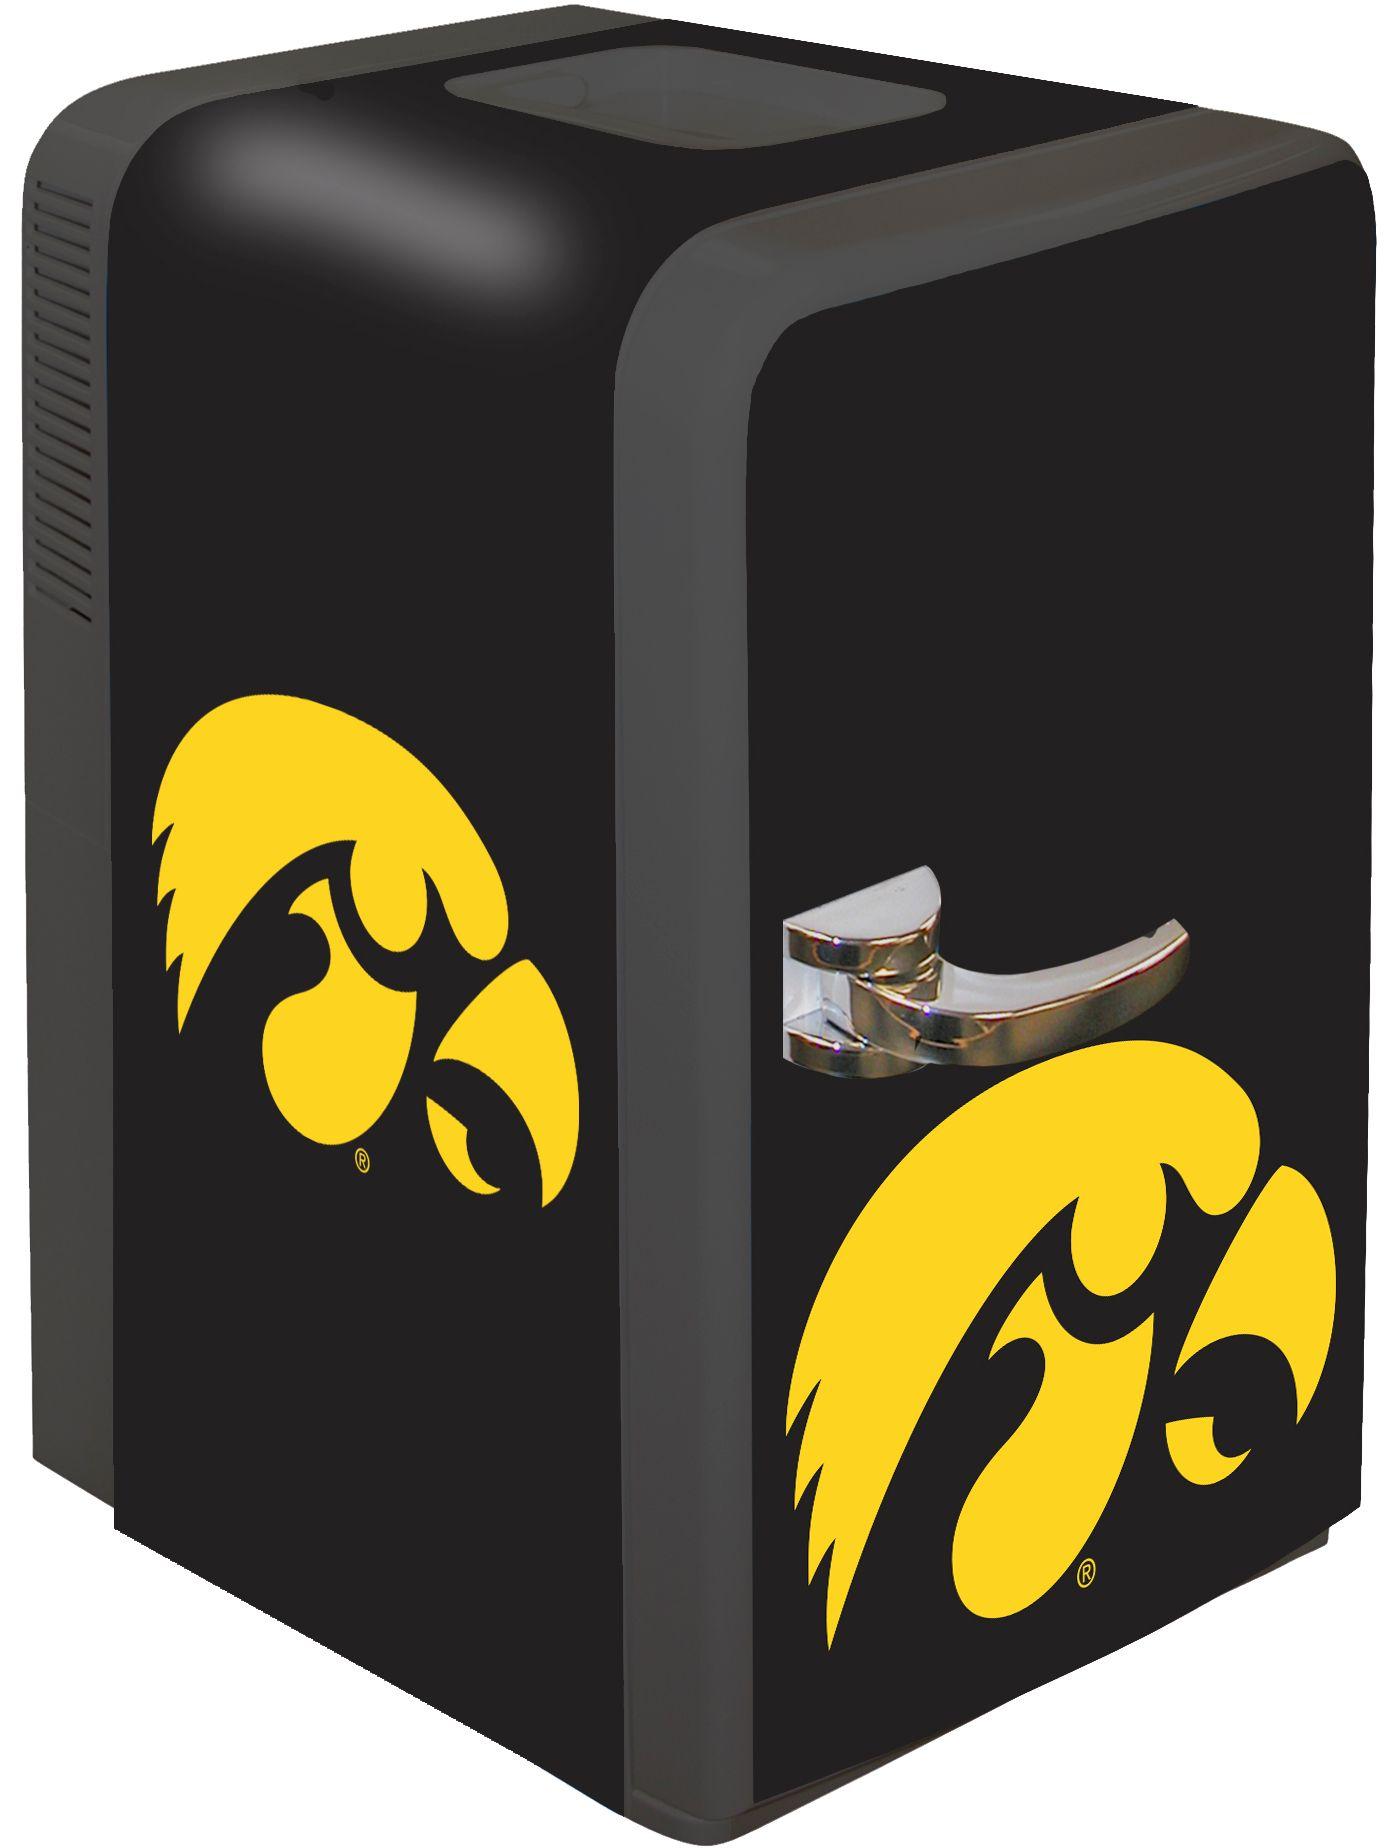 Boelter Iowa Hawkeyes 15q Portable Party Refrigerator